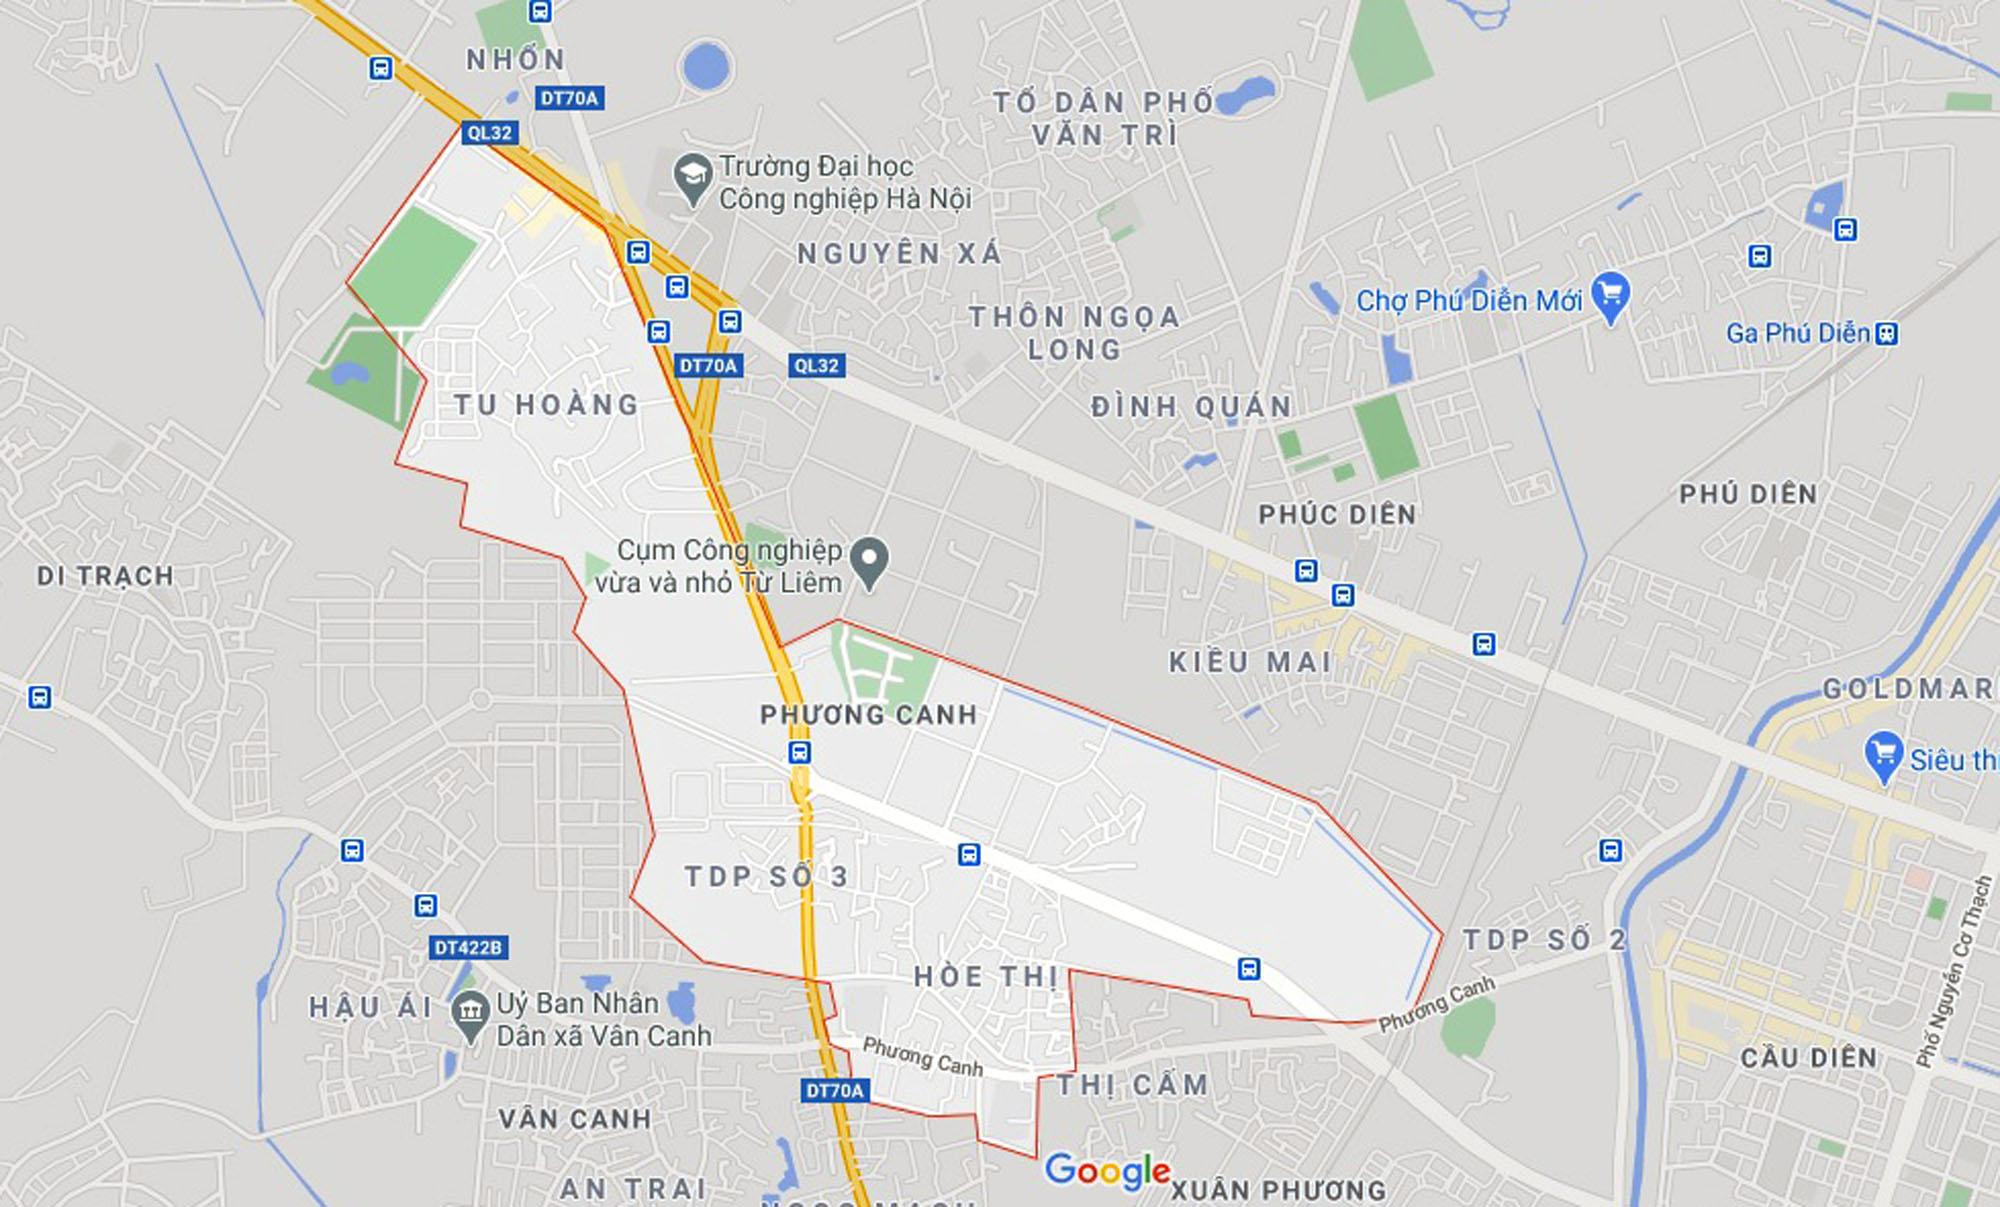 Ba đường sẽ mở theo qui hoạch ở phường Phương Canh, Nam Từ Liêm, Hà Nội (phần 2) - Ảnh 1.